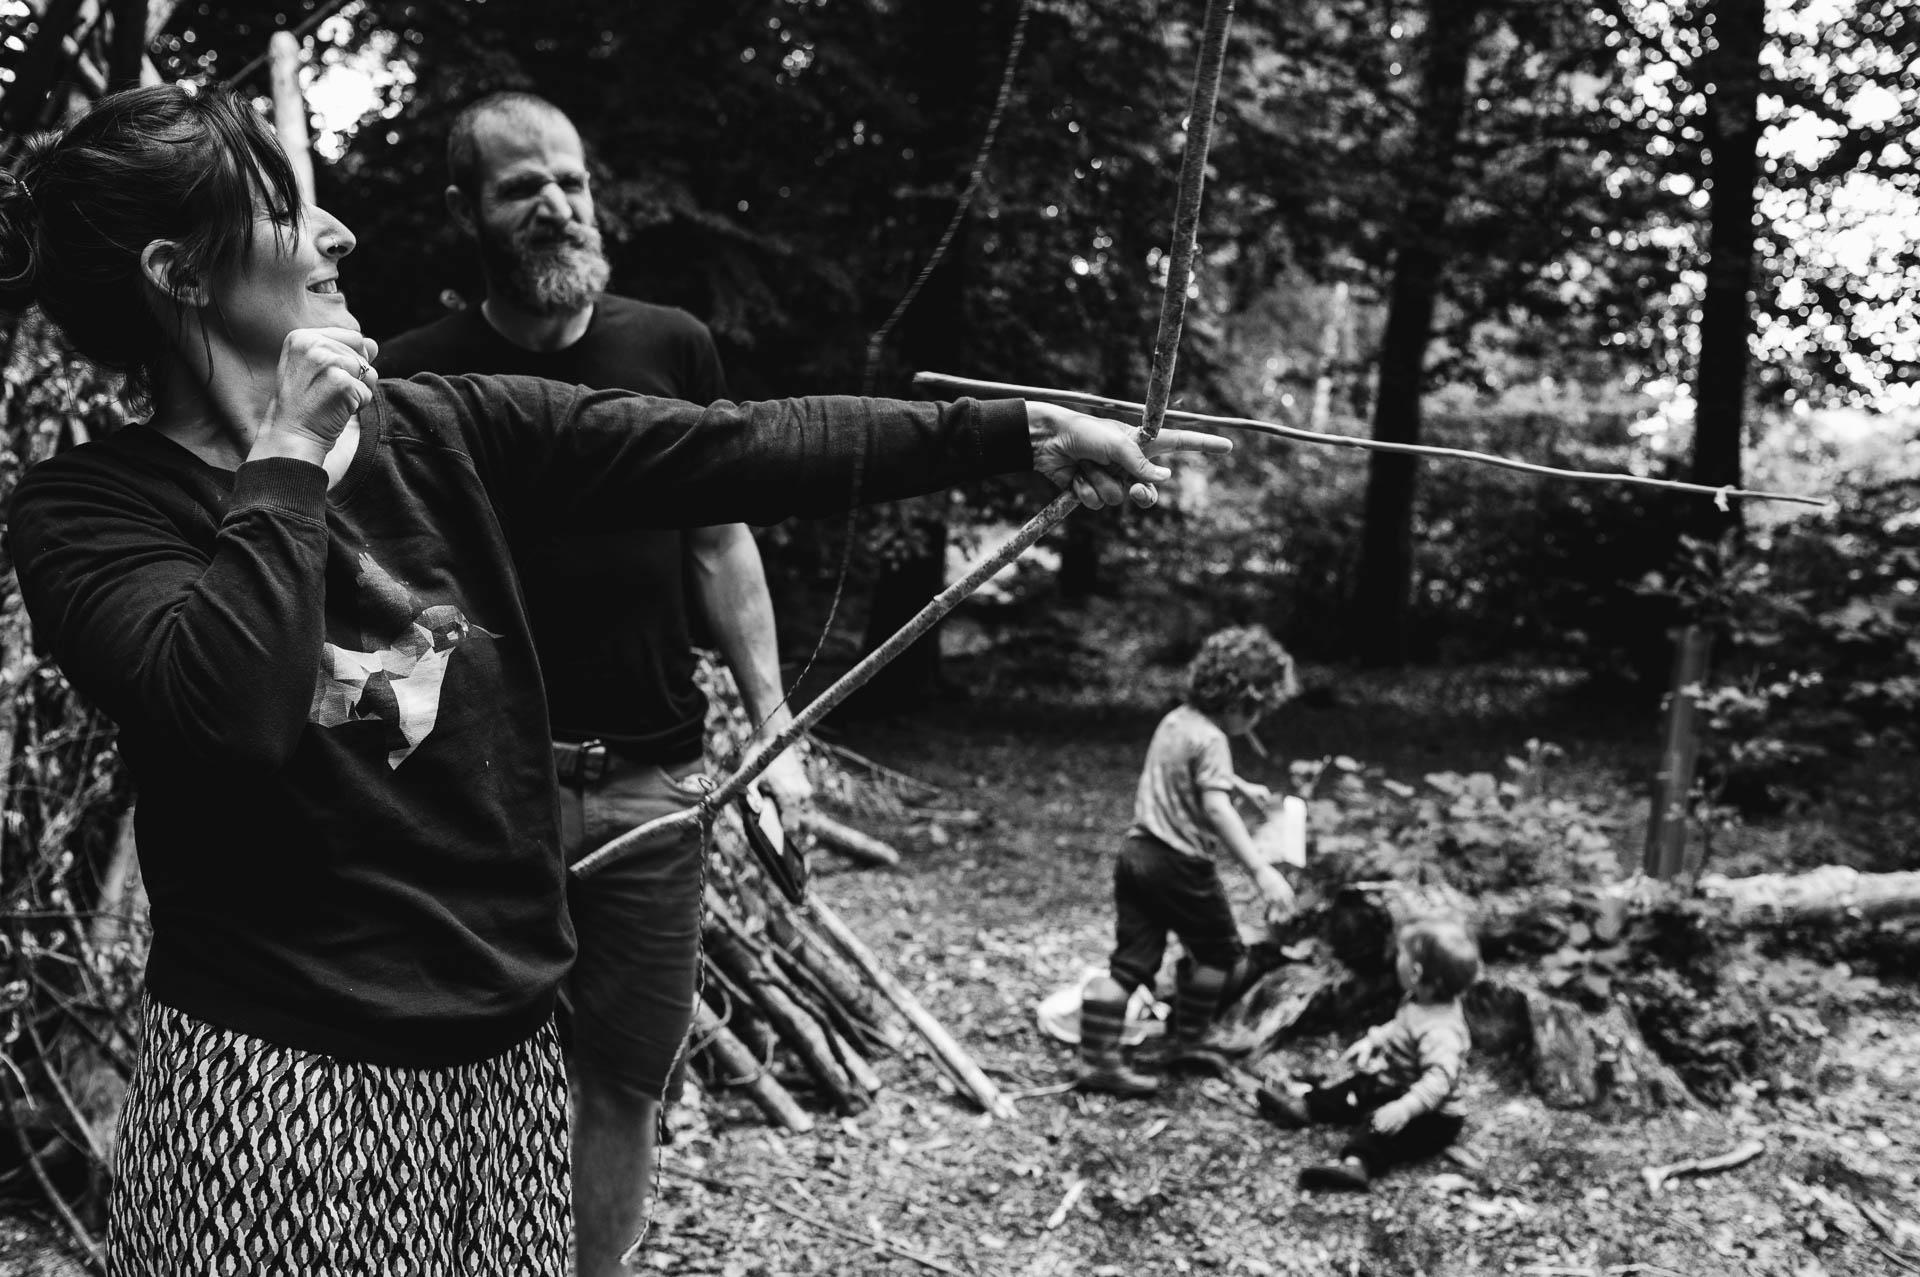 Frau wirft einen Ast mit Pfeilbogen im Wald und Mann schaut zu während die Kinder im Hintergrund spielen